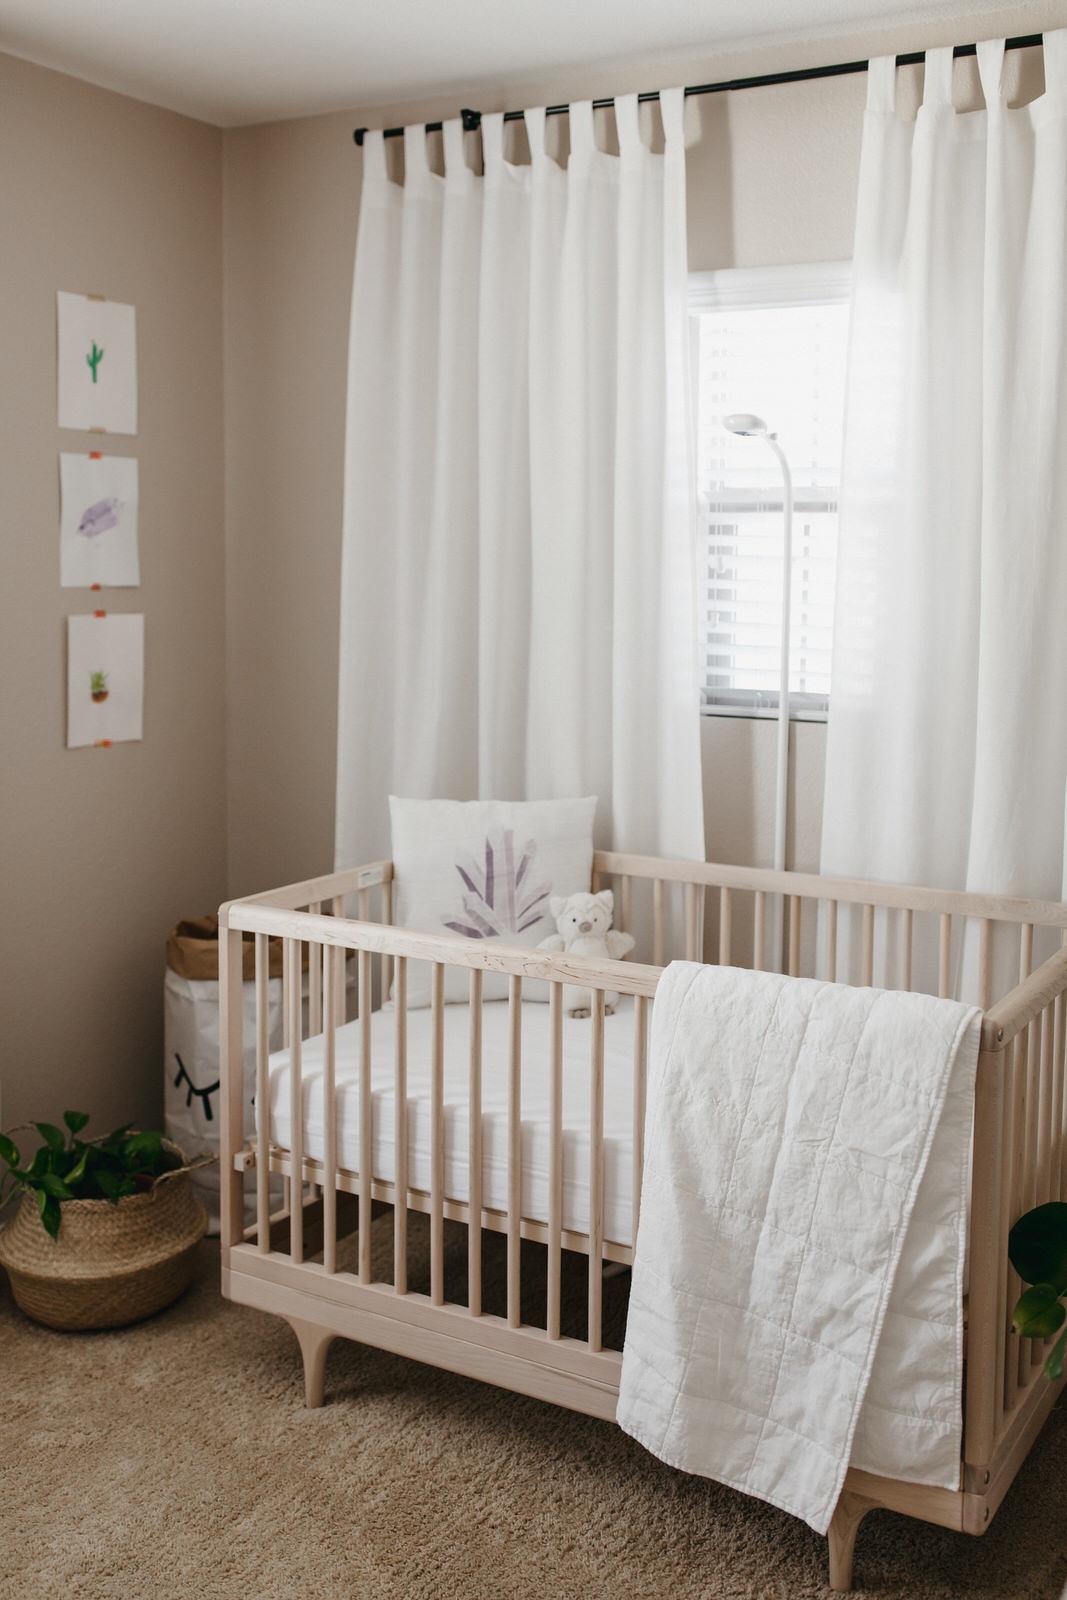 Chloé's Nursery - Baby's Room - V1 (38 of 48).jpg